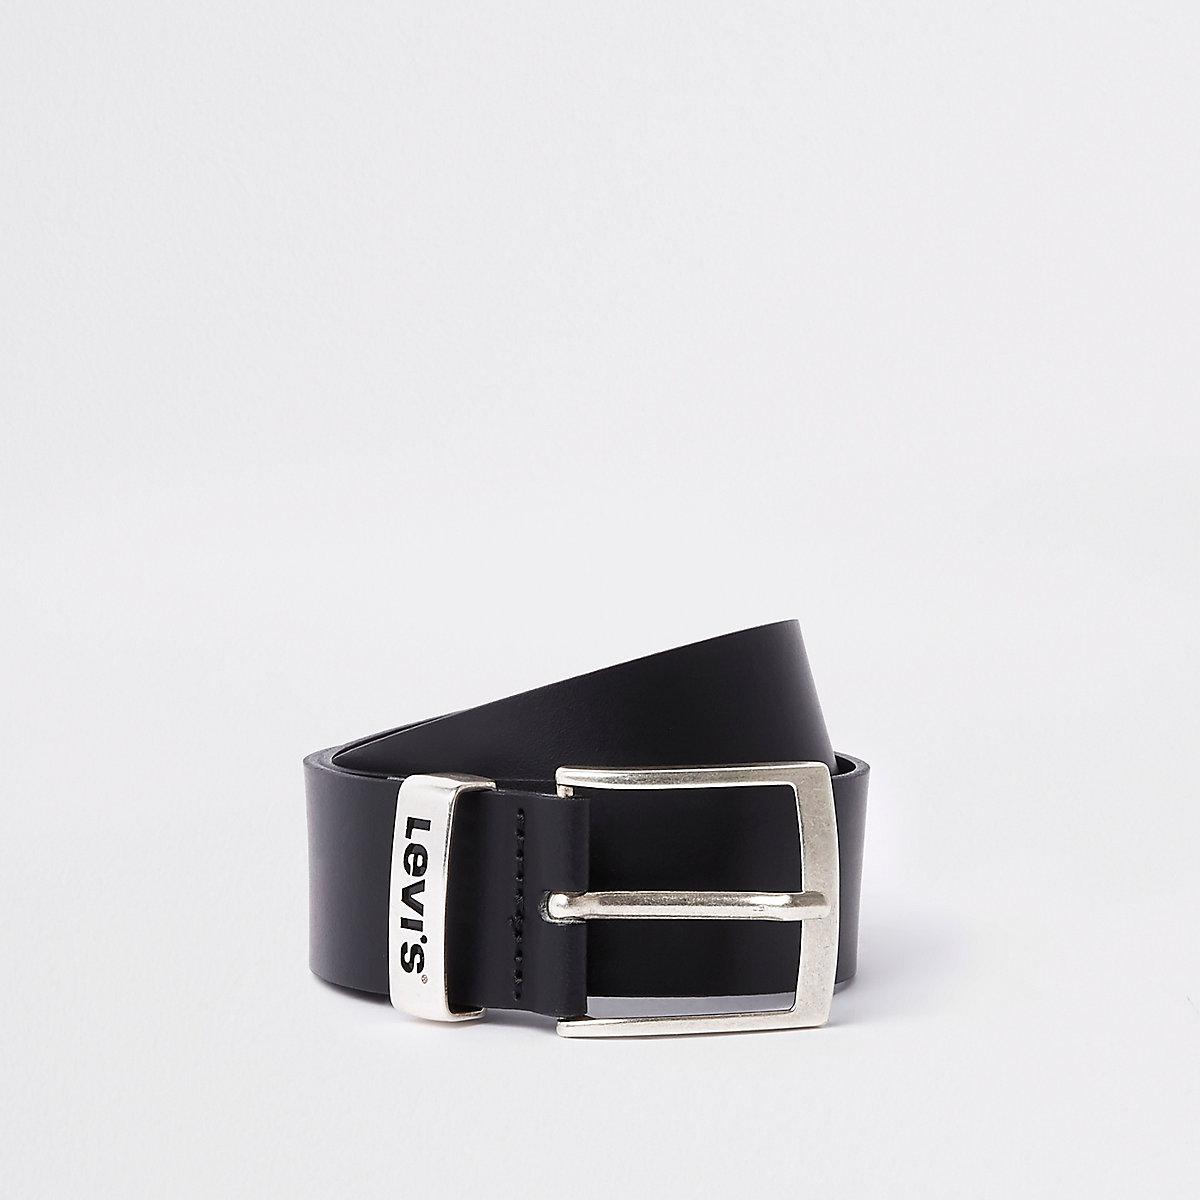 Levi's black branded leather buckle belt